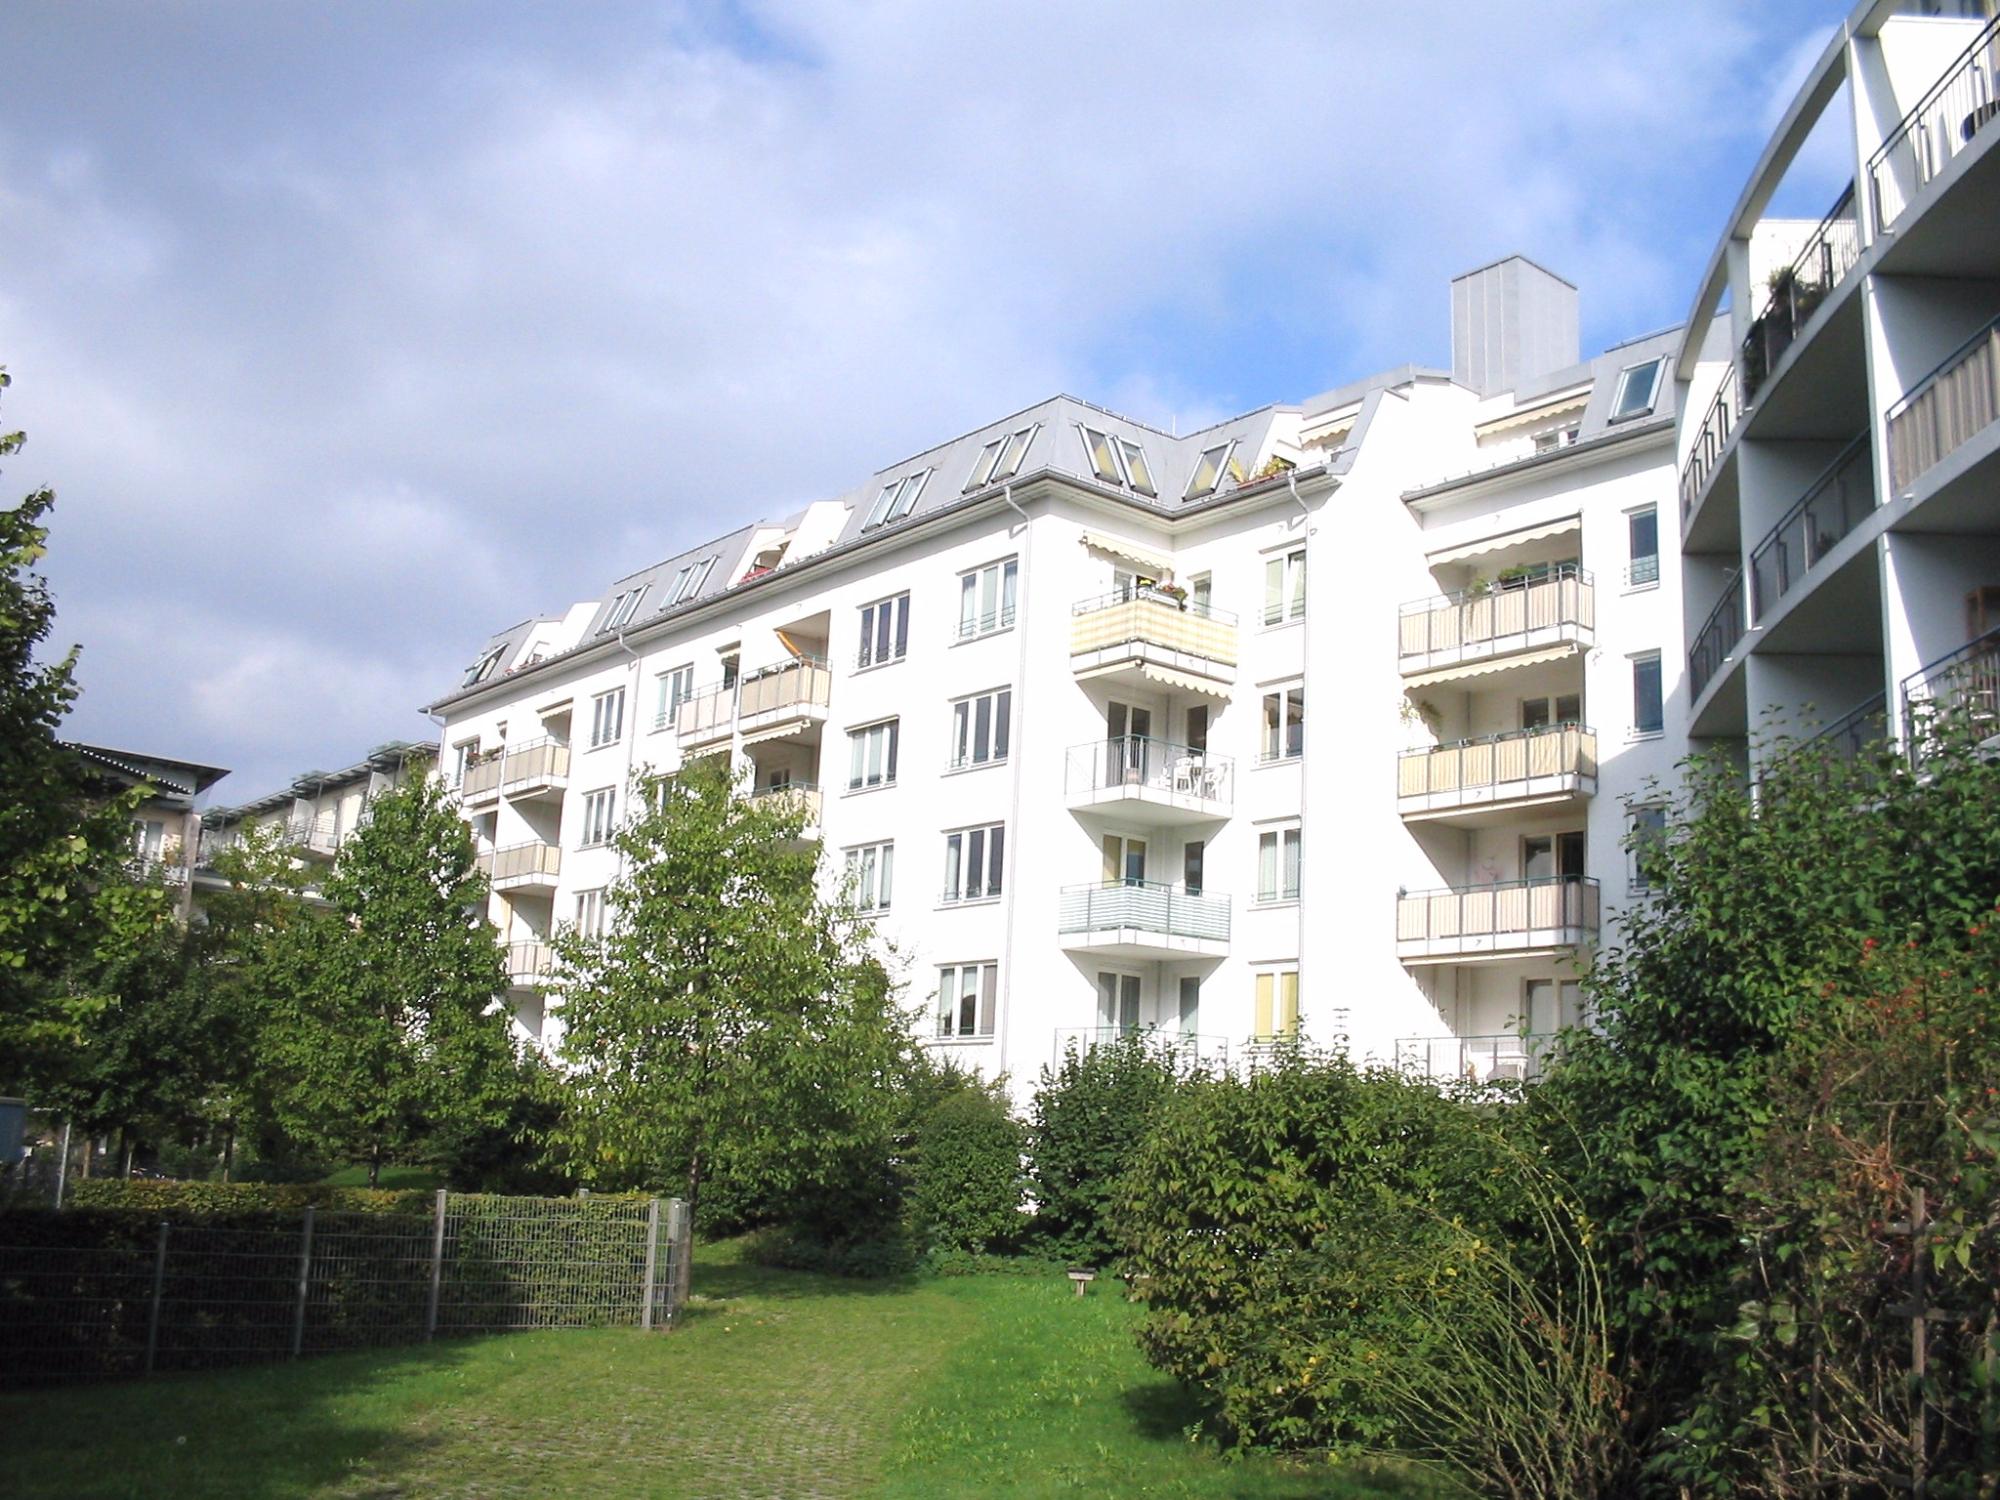 st vinzenz rondell betreutes wohnen in m nchen neuhausen nymphenburg auf wohnen im. Black Bedroom Furniture Sets. Home Design Ideas